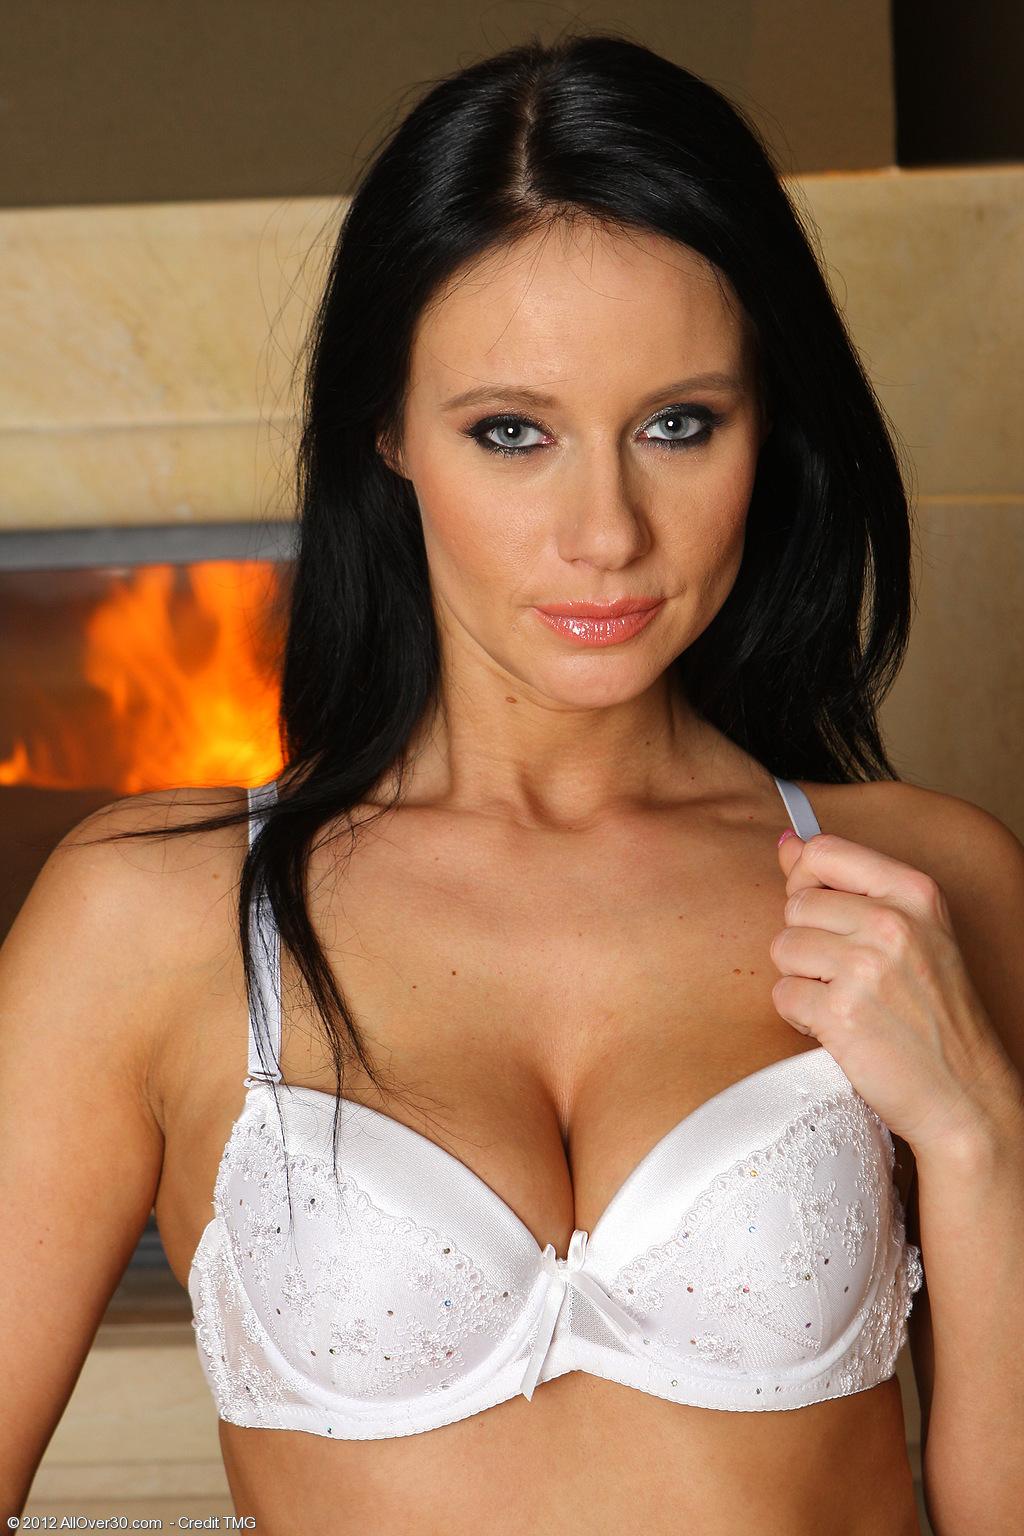 raven-haired-brunette-babe-jana-krabcova-wearing-white-lingerie-6.jpg